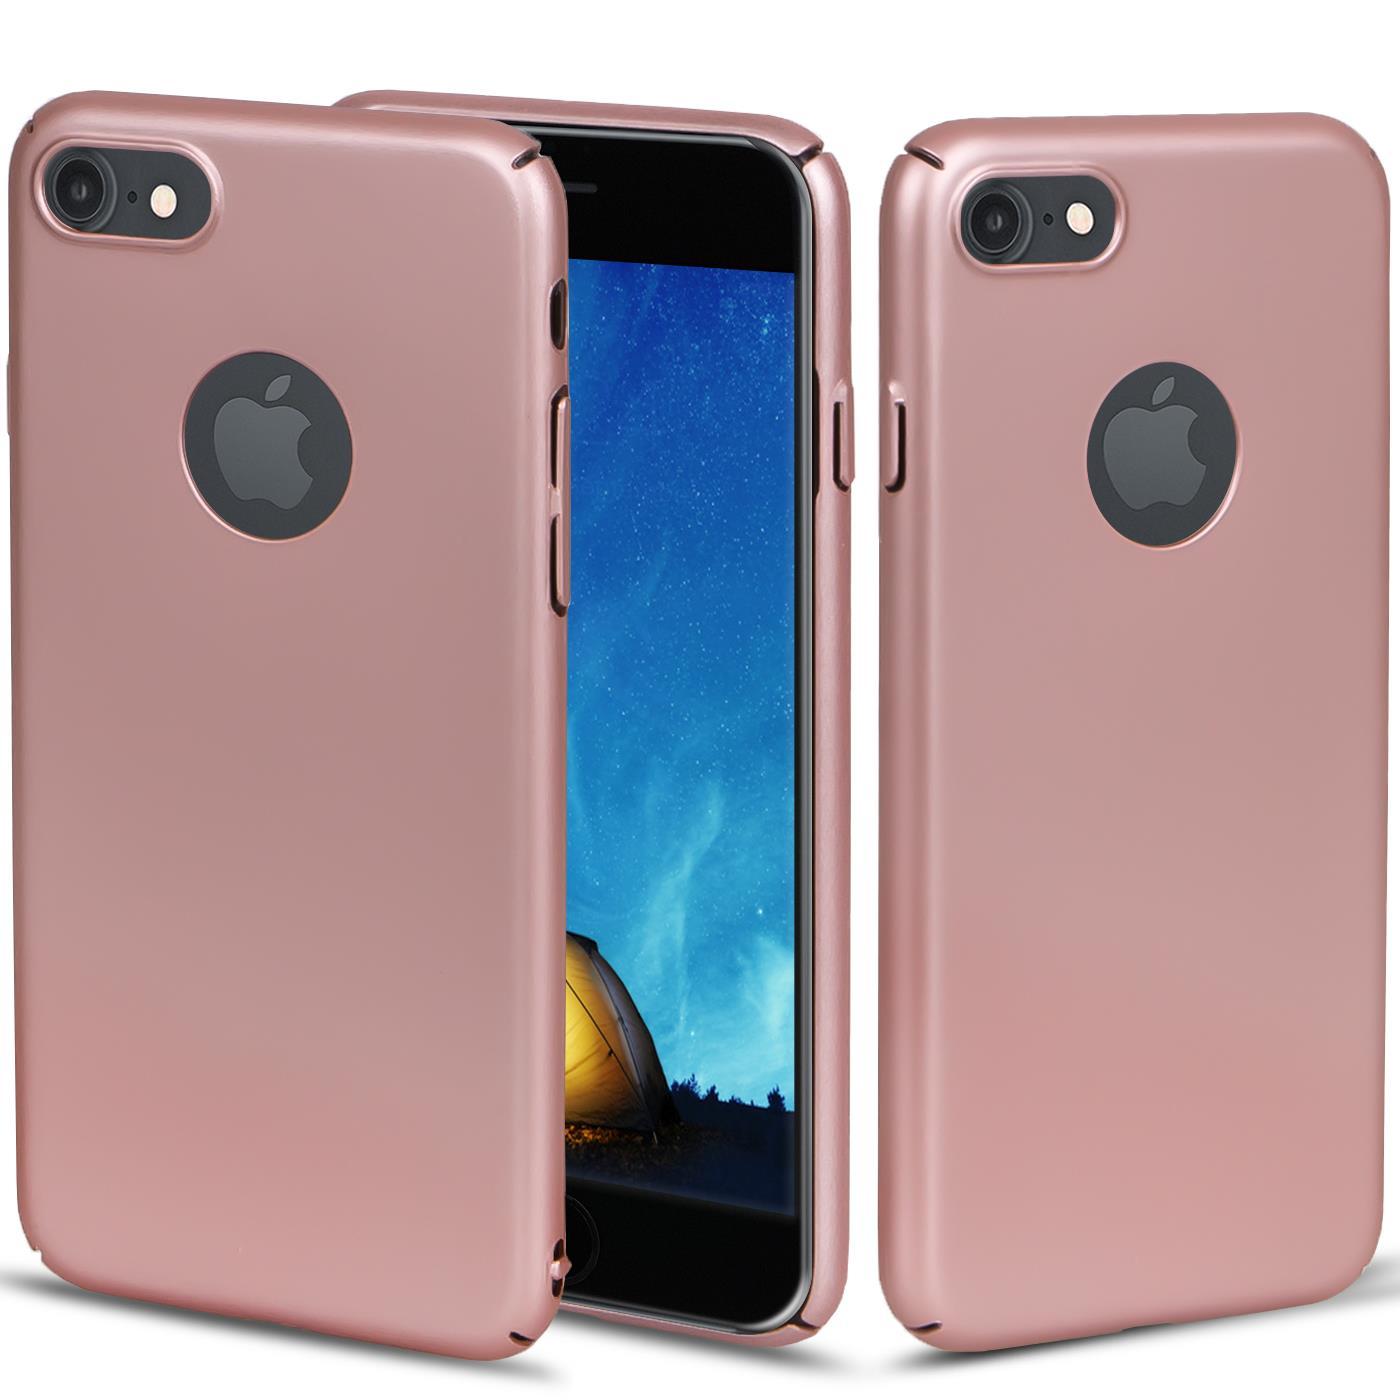 Slim-Cover-Schutzhuelle-Apple-iPhone-Handy-Schutz-Tasche-Huelle-Glas-Panzer-Folie Indexbild 31